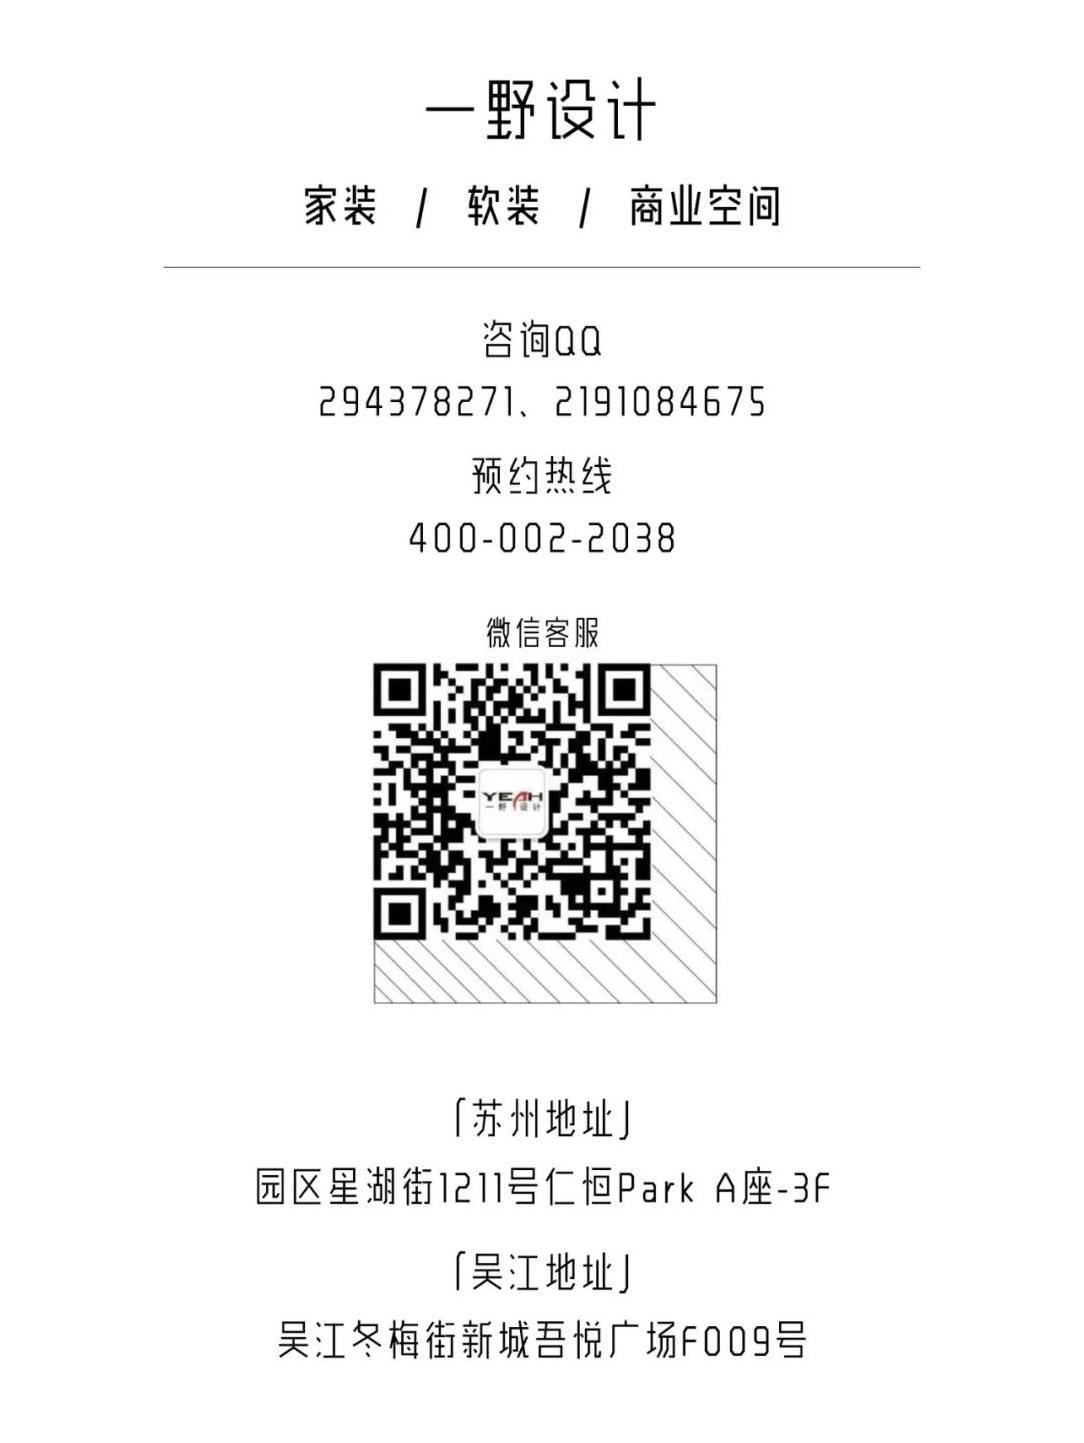 微信图片_20191231142854.png